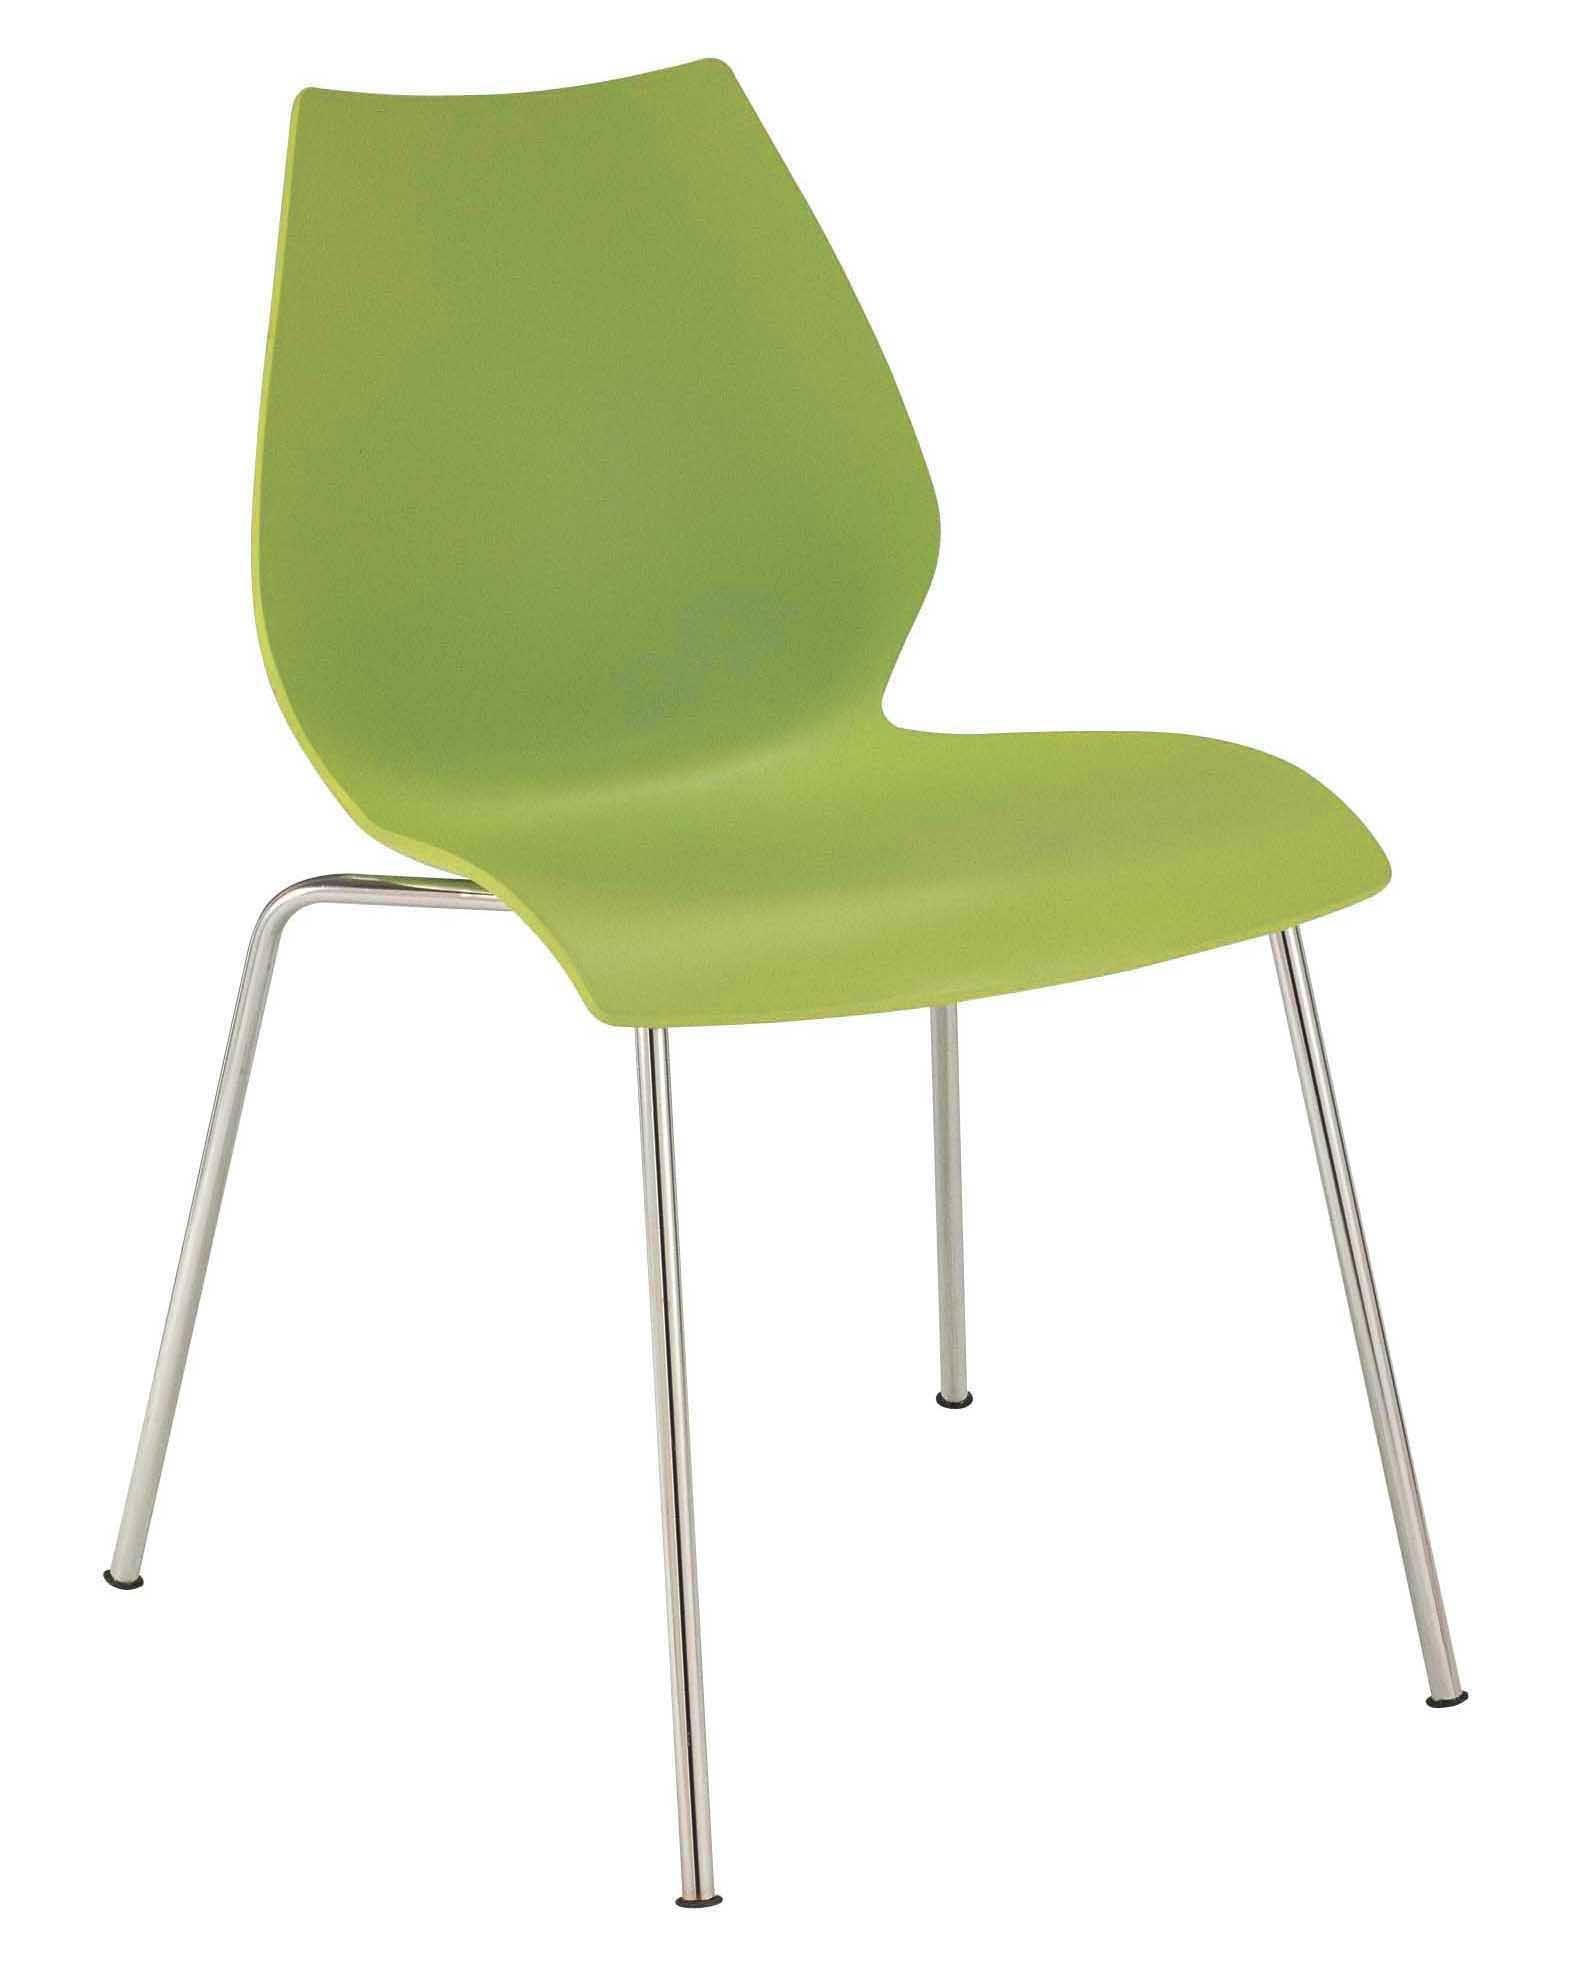 Mobilier - Chaises, fauteuils de salle à manger - Chaise empilable Maui / Plastique & pieds métal - Kartell - Vert - Acier chromé, Polypropylène